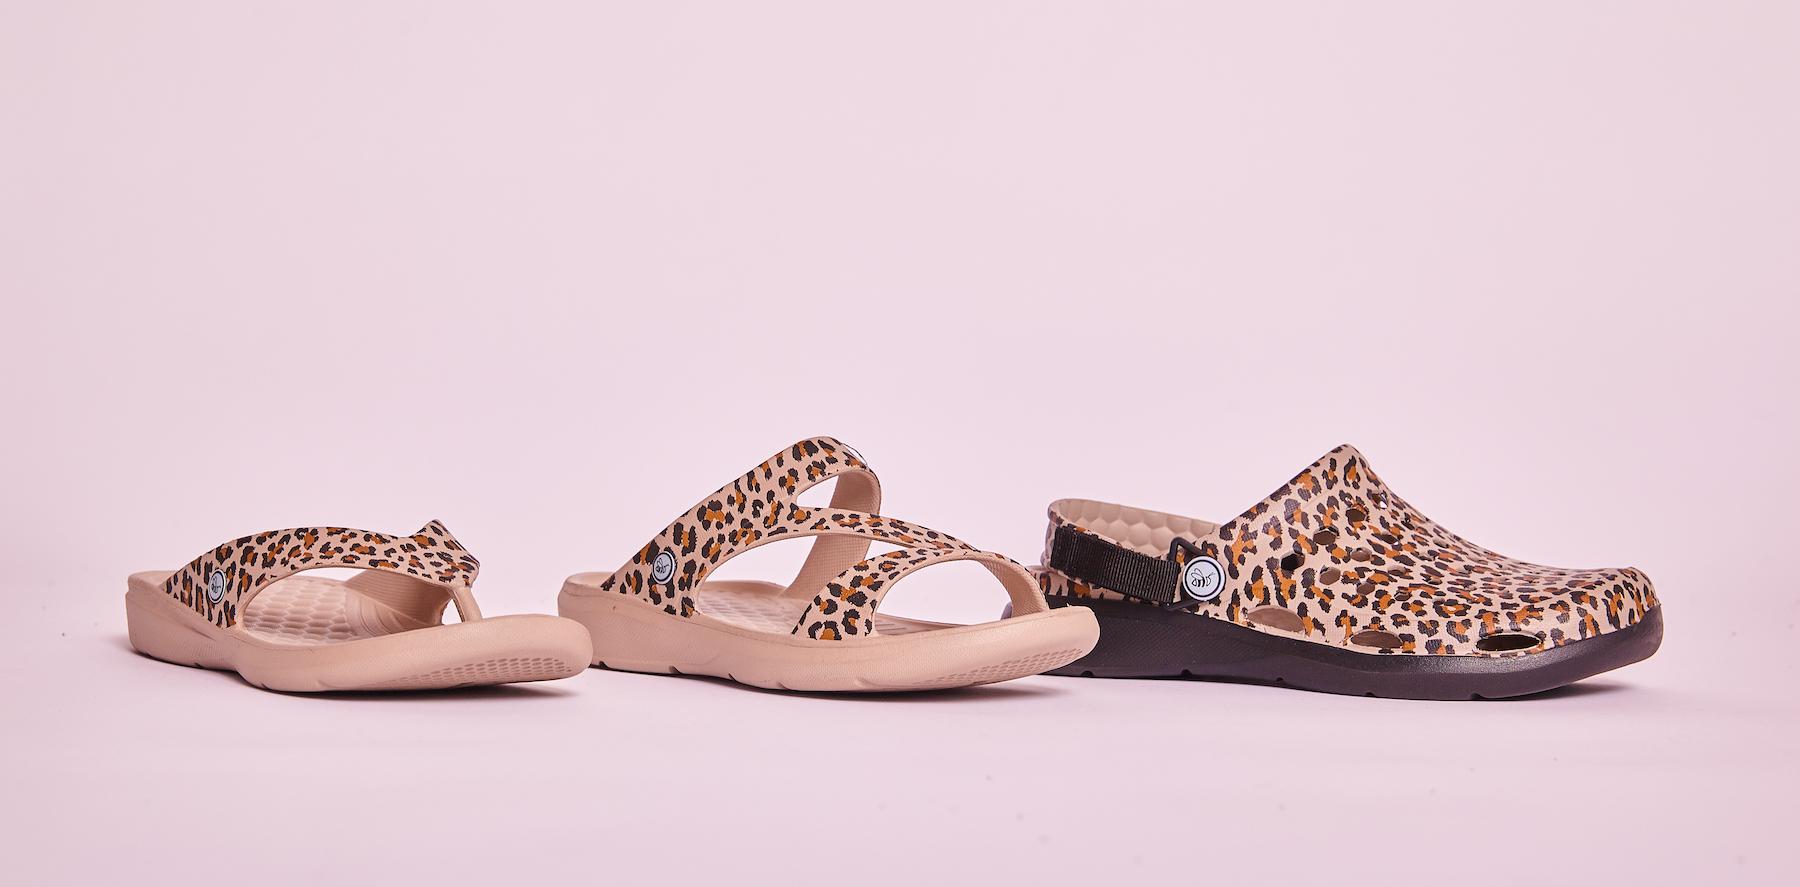 leopard women's styles